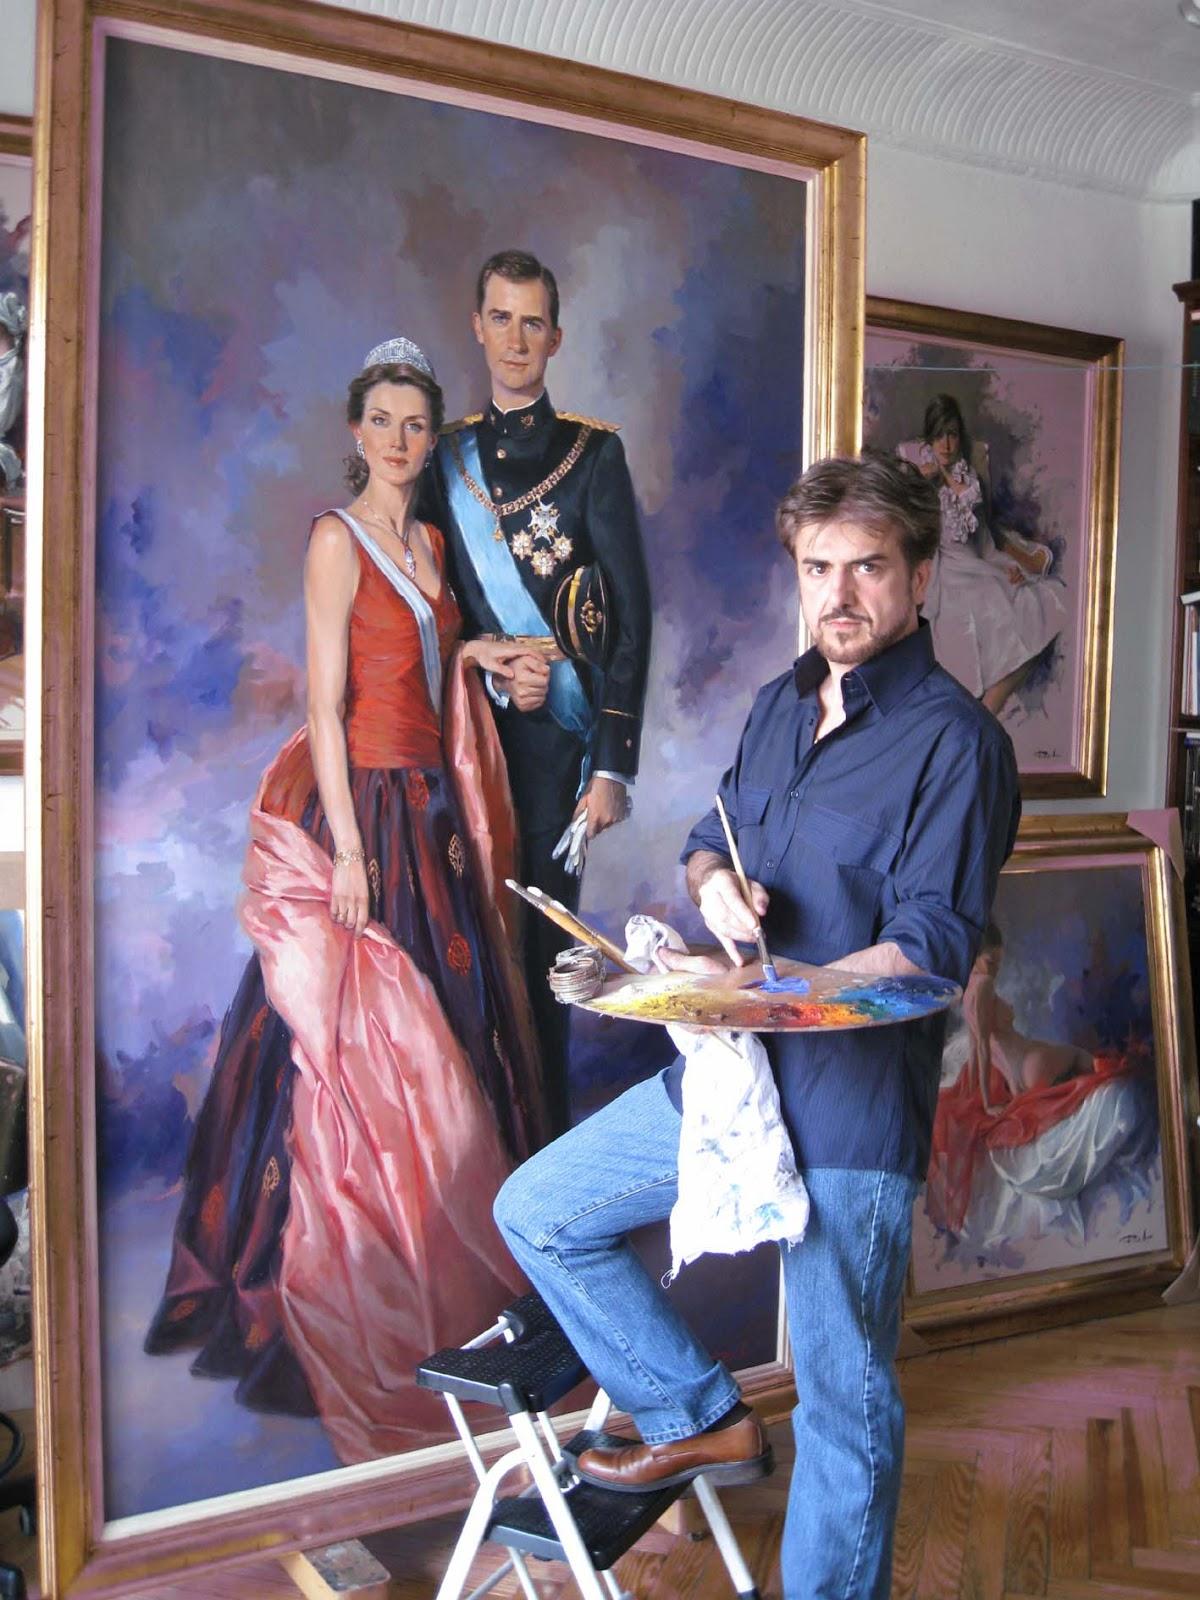 Ricardo  Sanz  Prince  and  Princess  of  Asturias